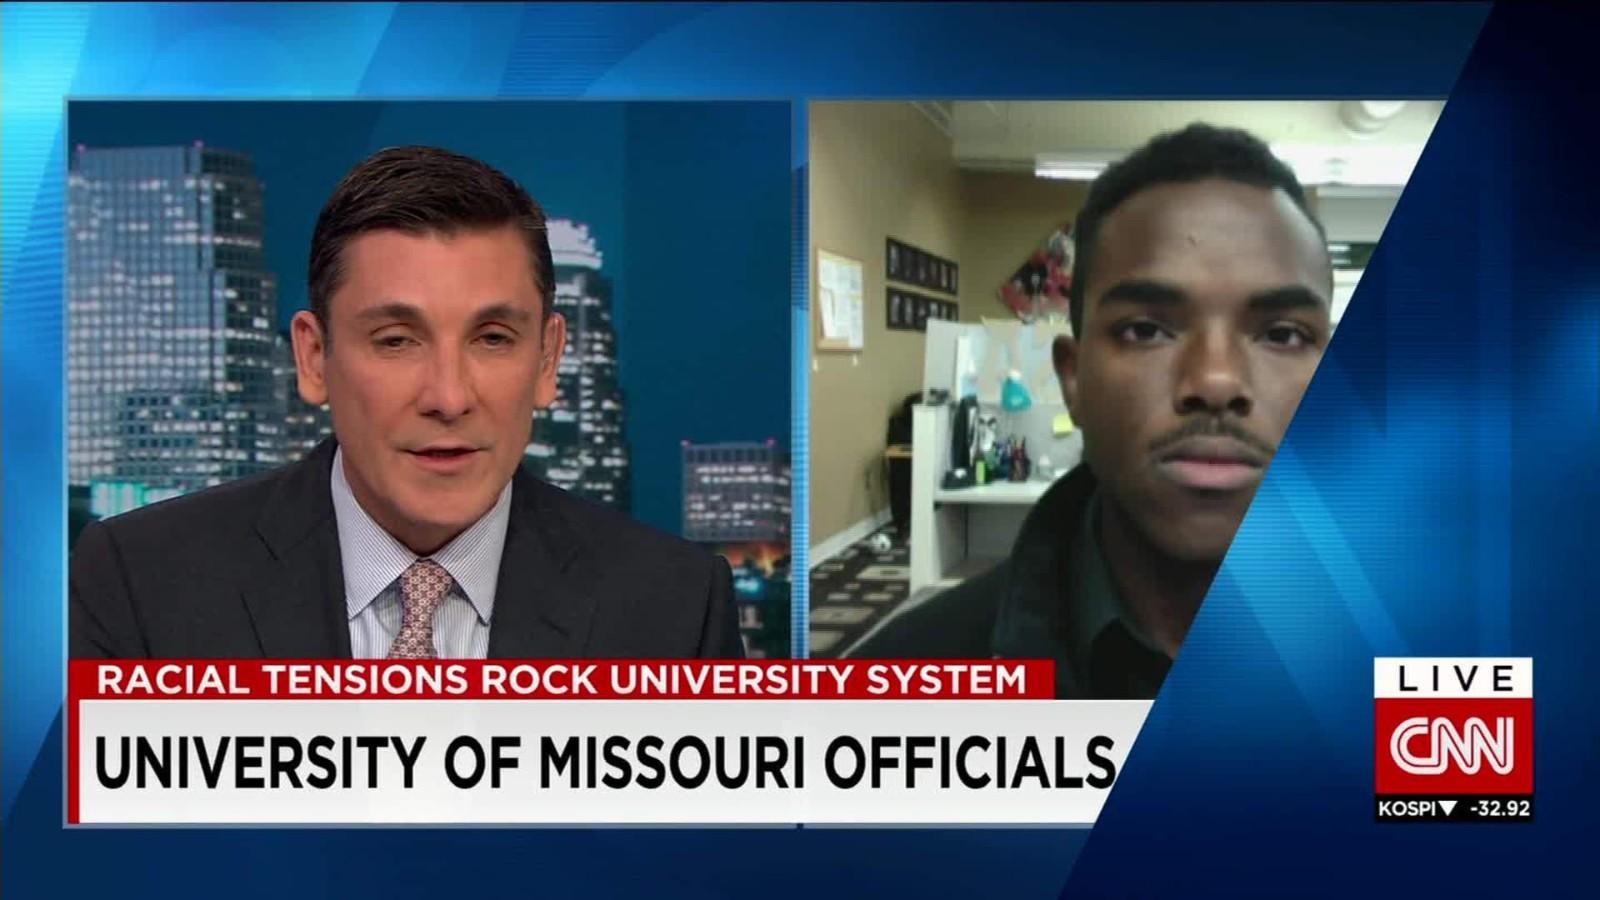 Progressive Education Has Race Problem >> Do U S Colleges Have A Race Problem Cnn